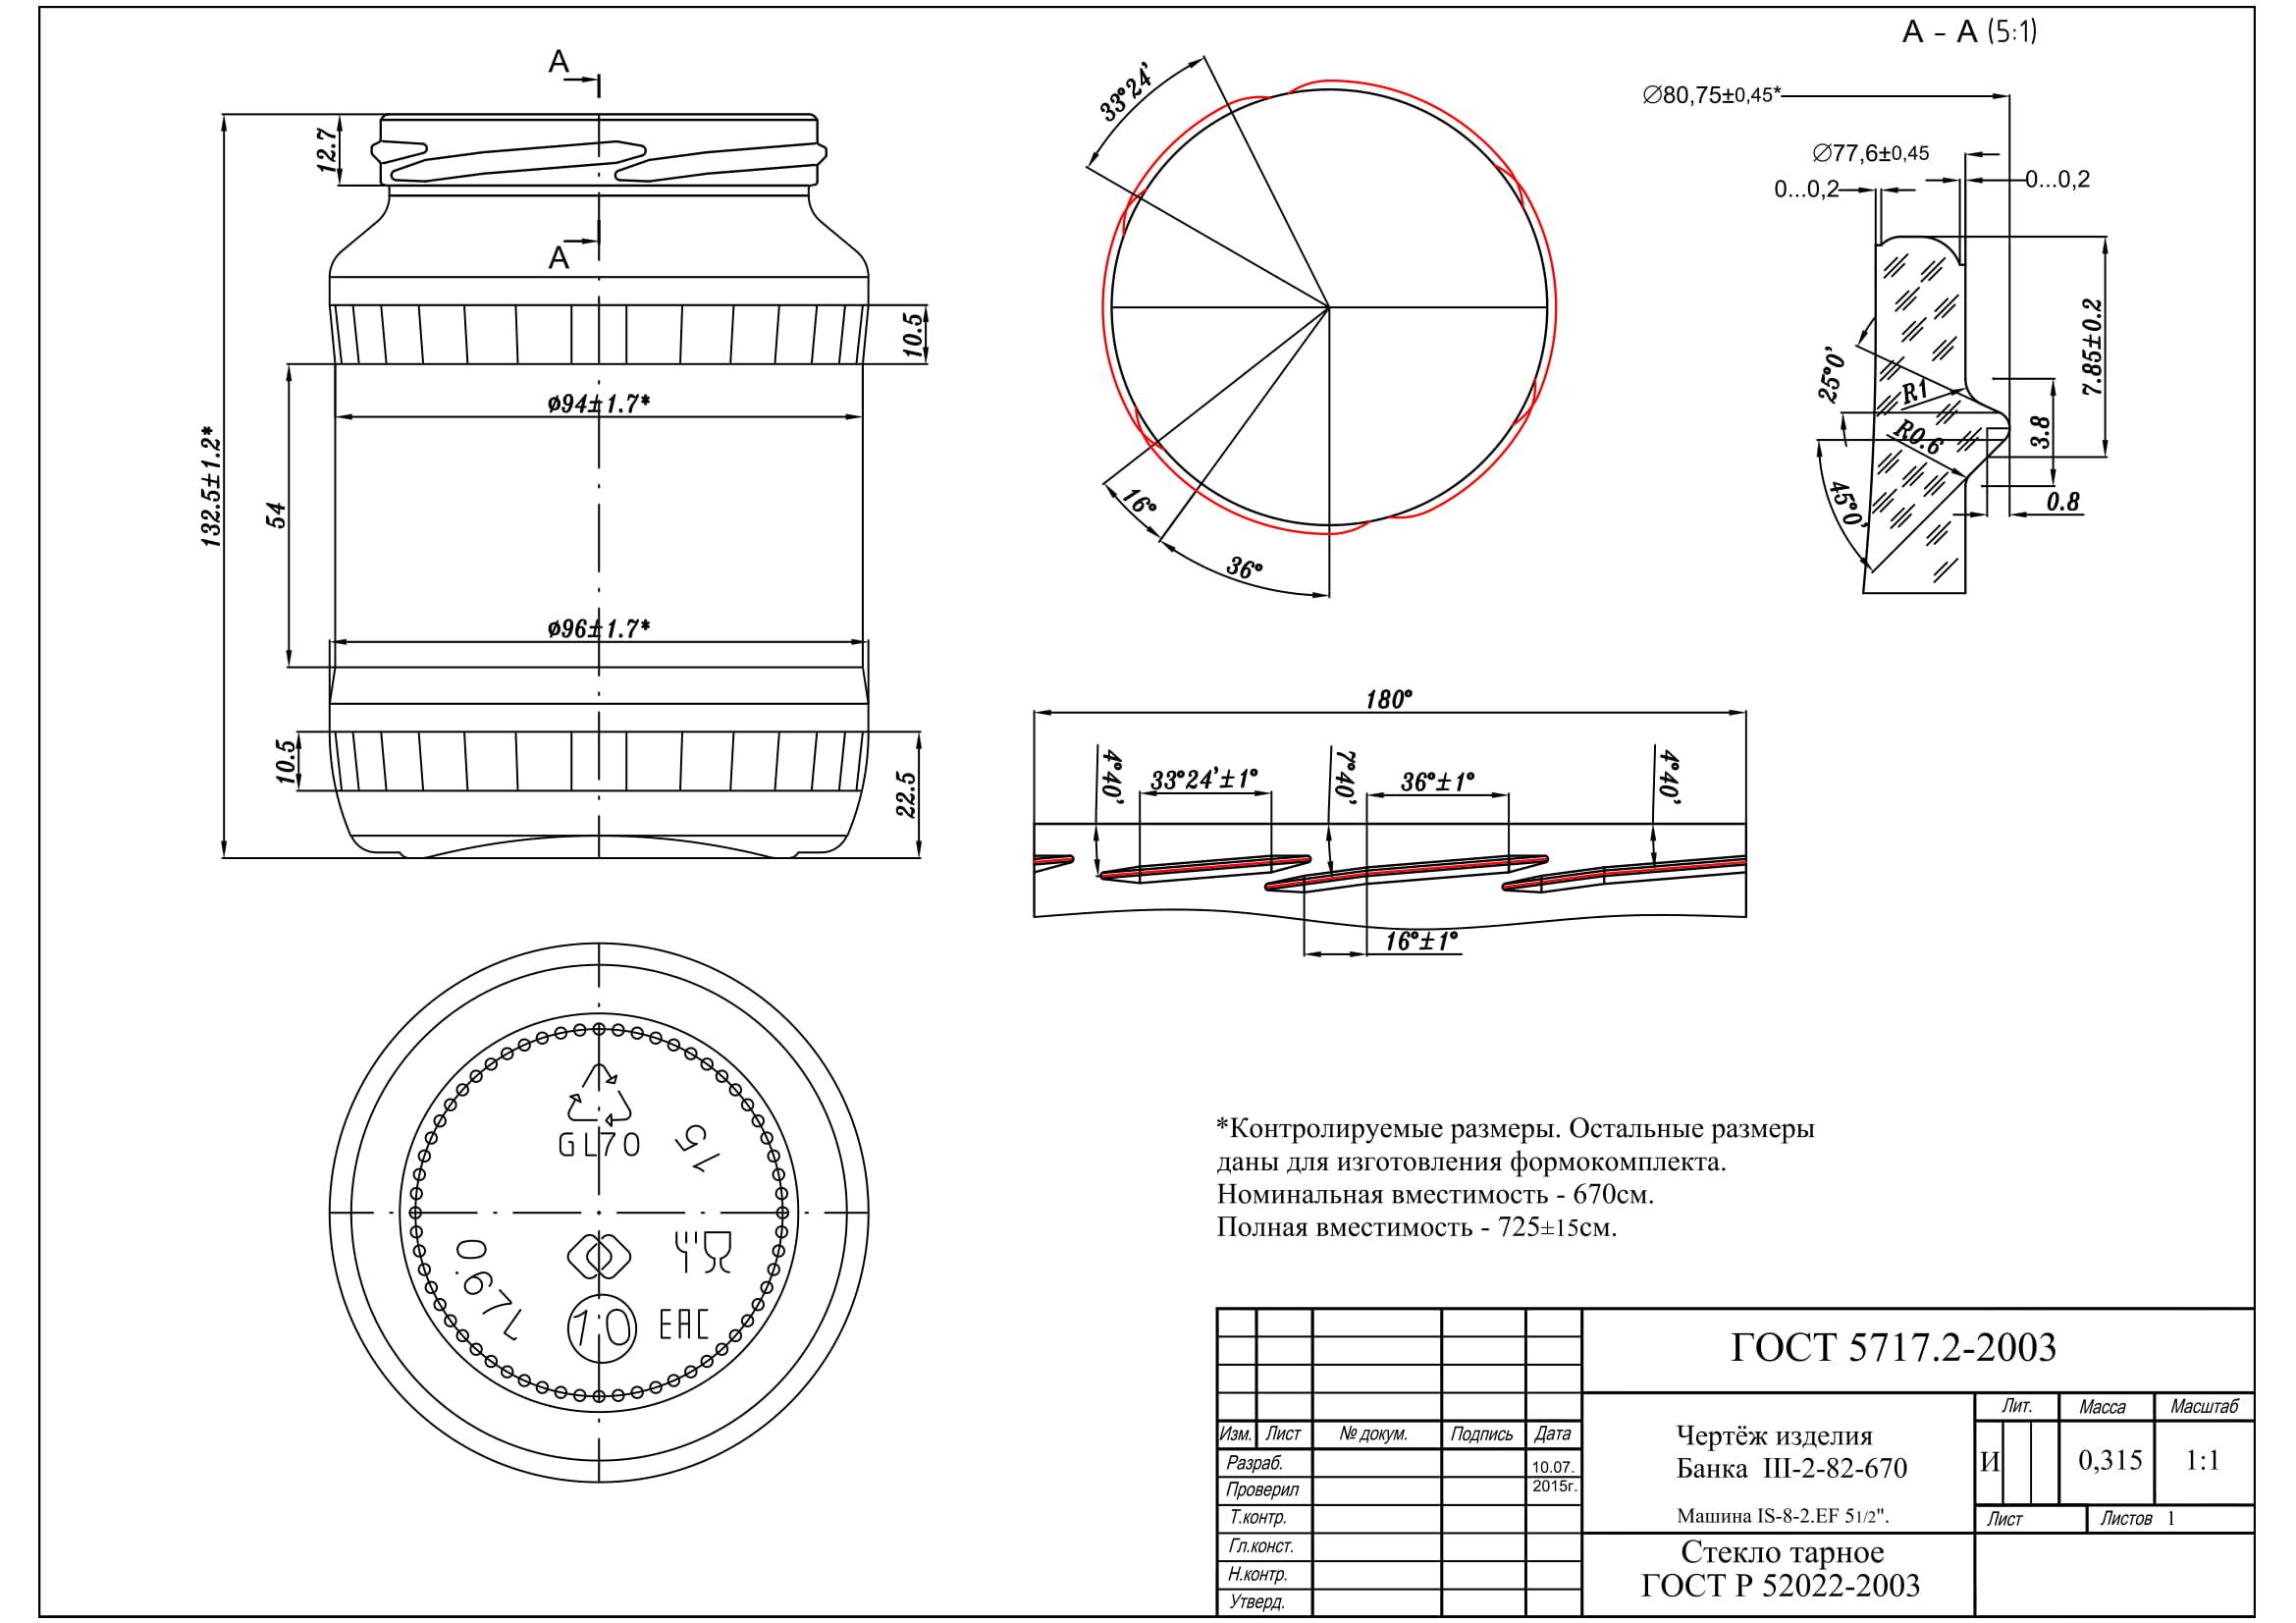 Стеклобанка III-2-82-670 (п.16)